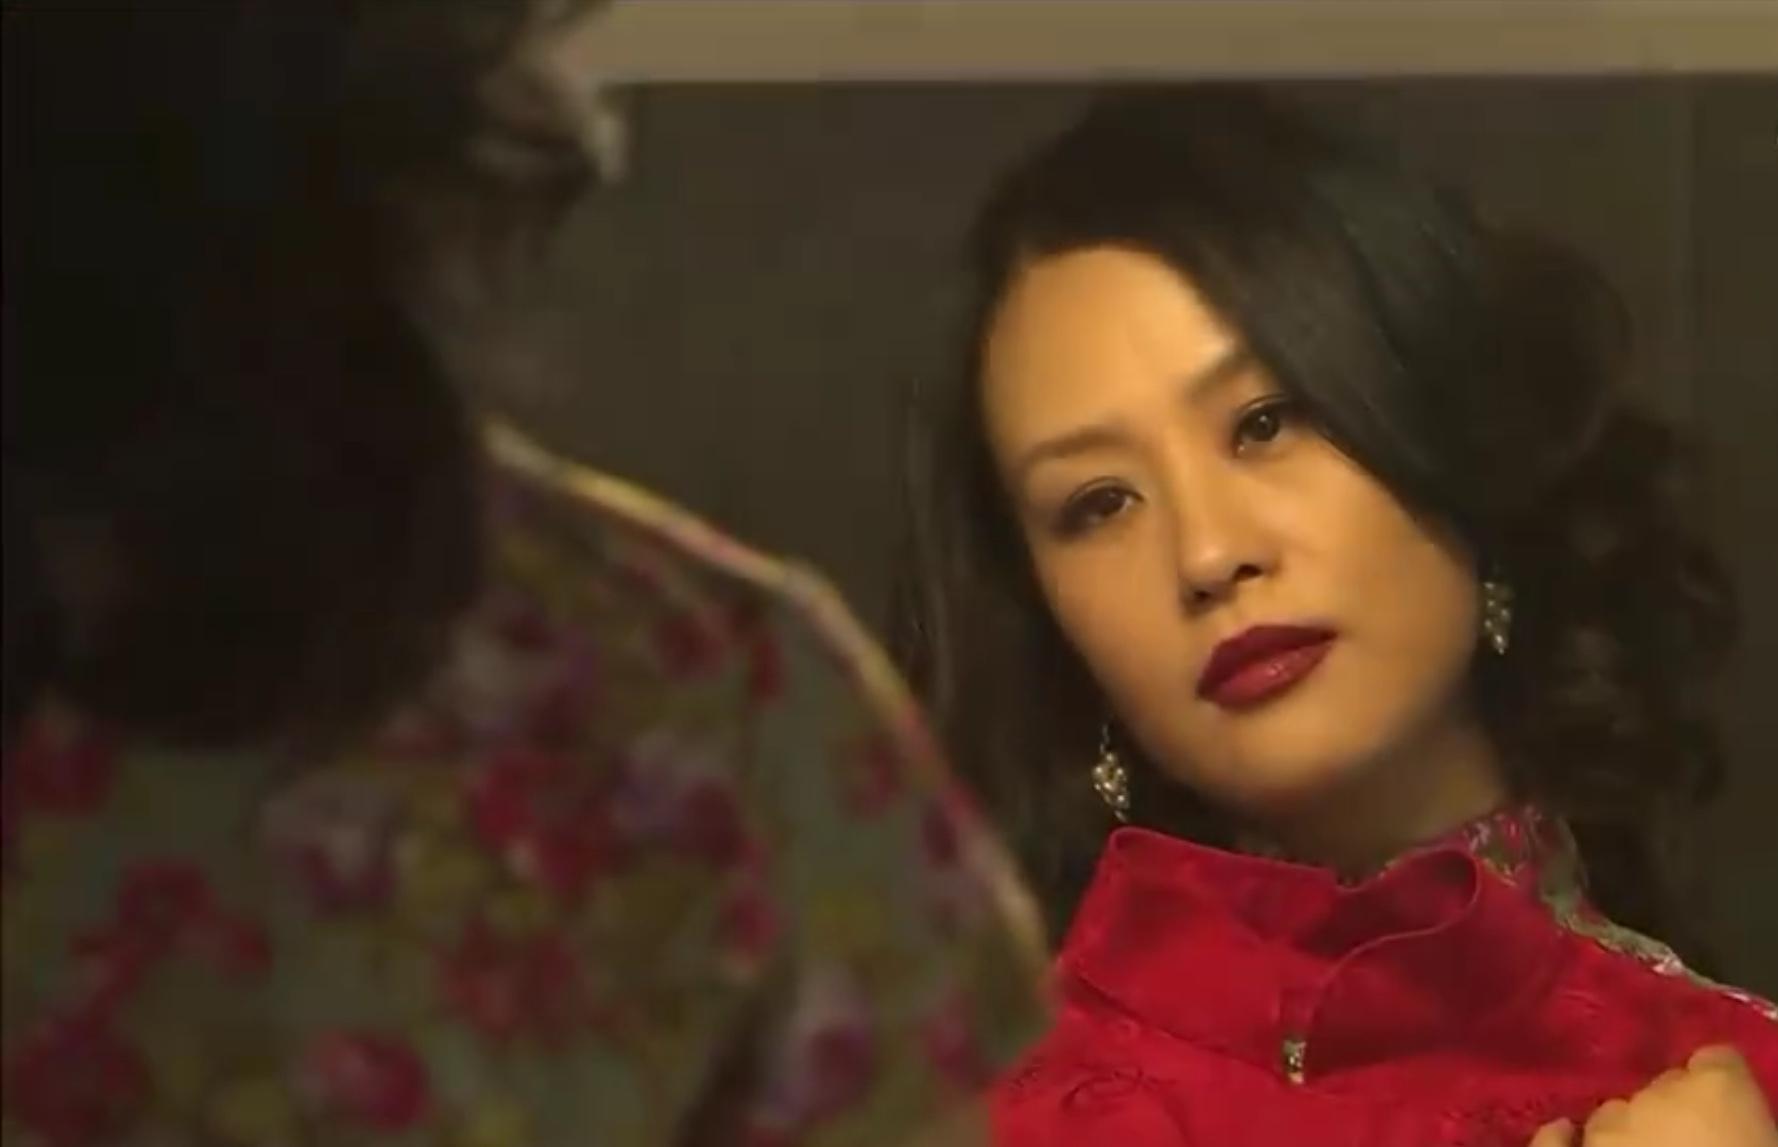 蒋雯丽邬君梅领衔《女人帮》演绎都市大龄剩女的情感纠葛_朱莉